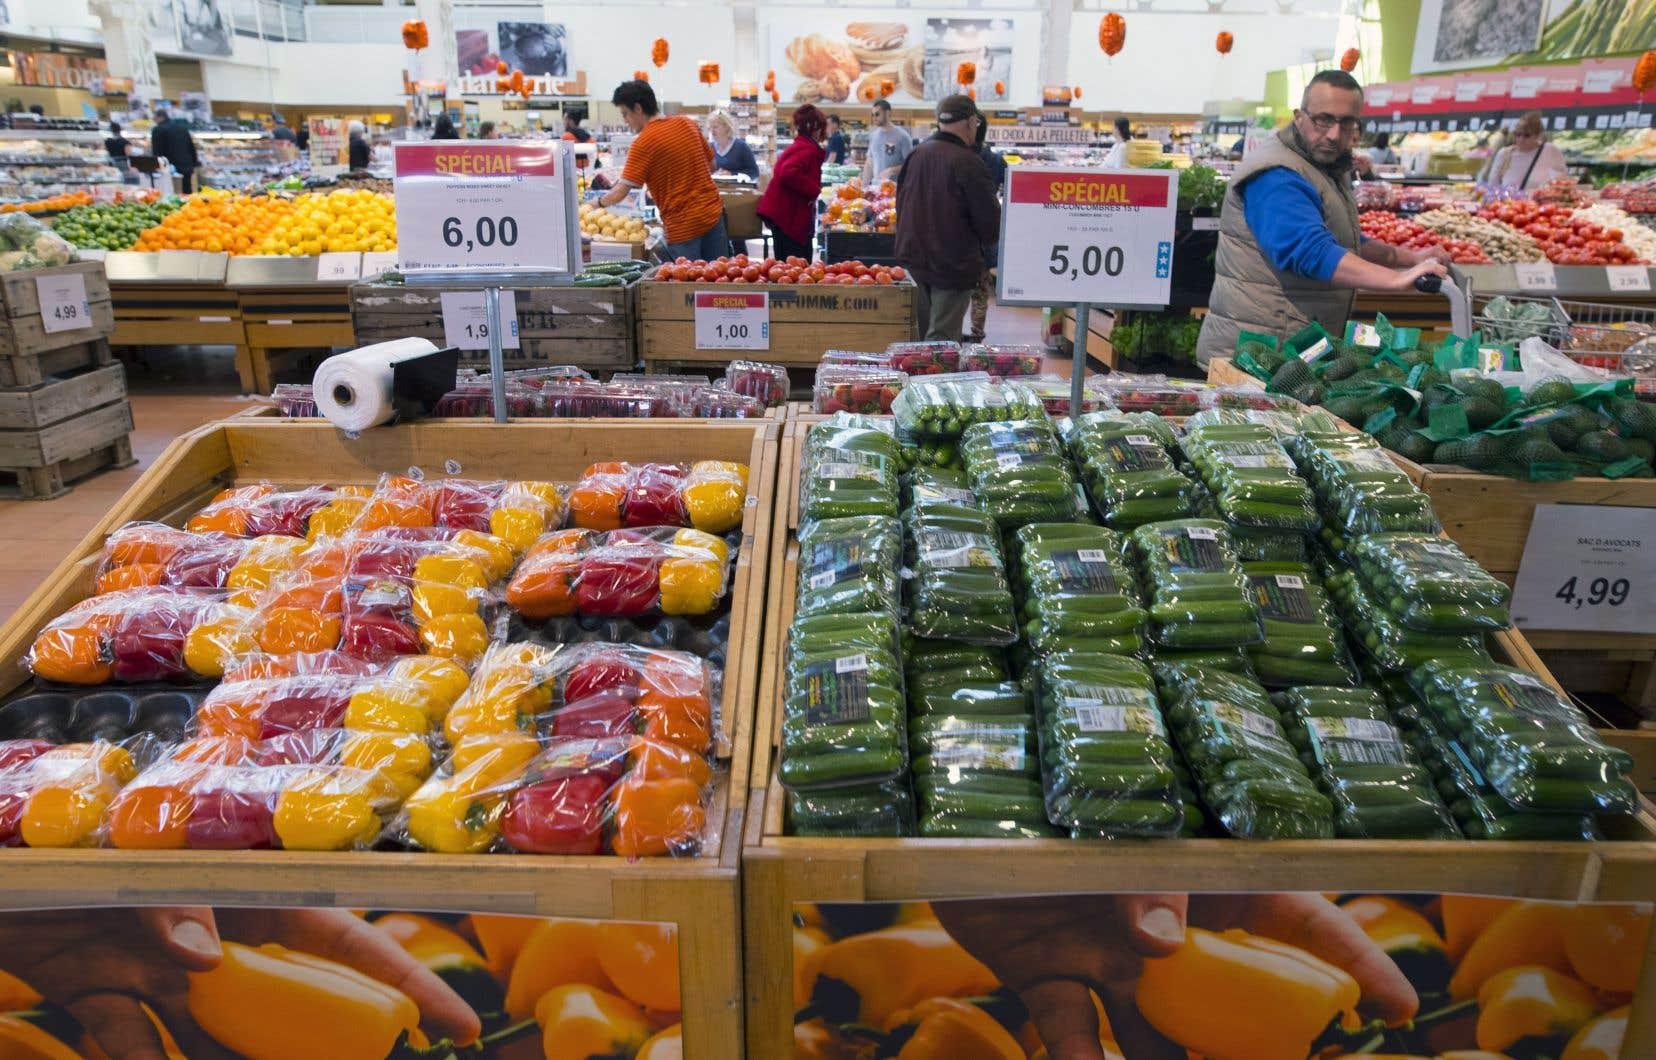 Les chiffres établissent à 400milliards la valeur du marché de l'emballage, dont 60% est destiné à l'alimentation.